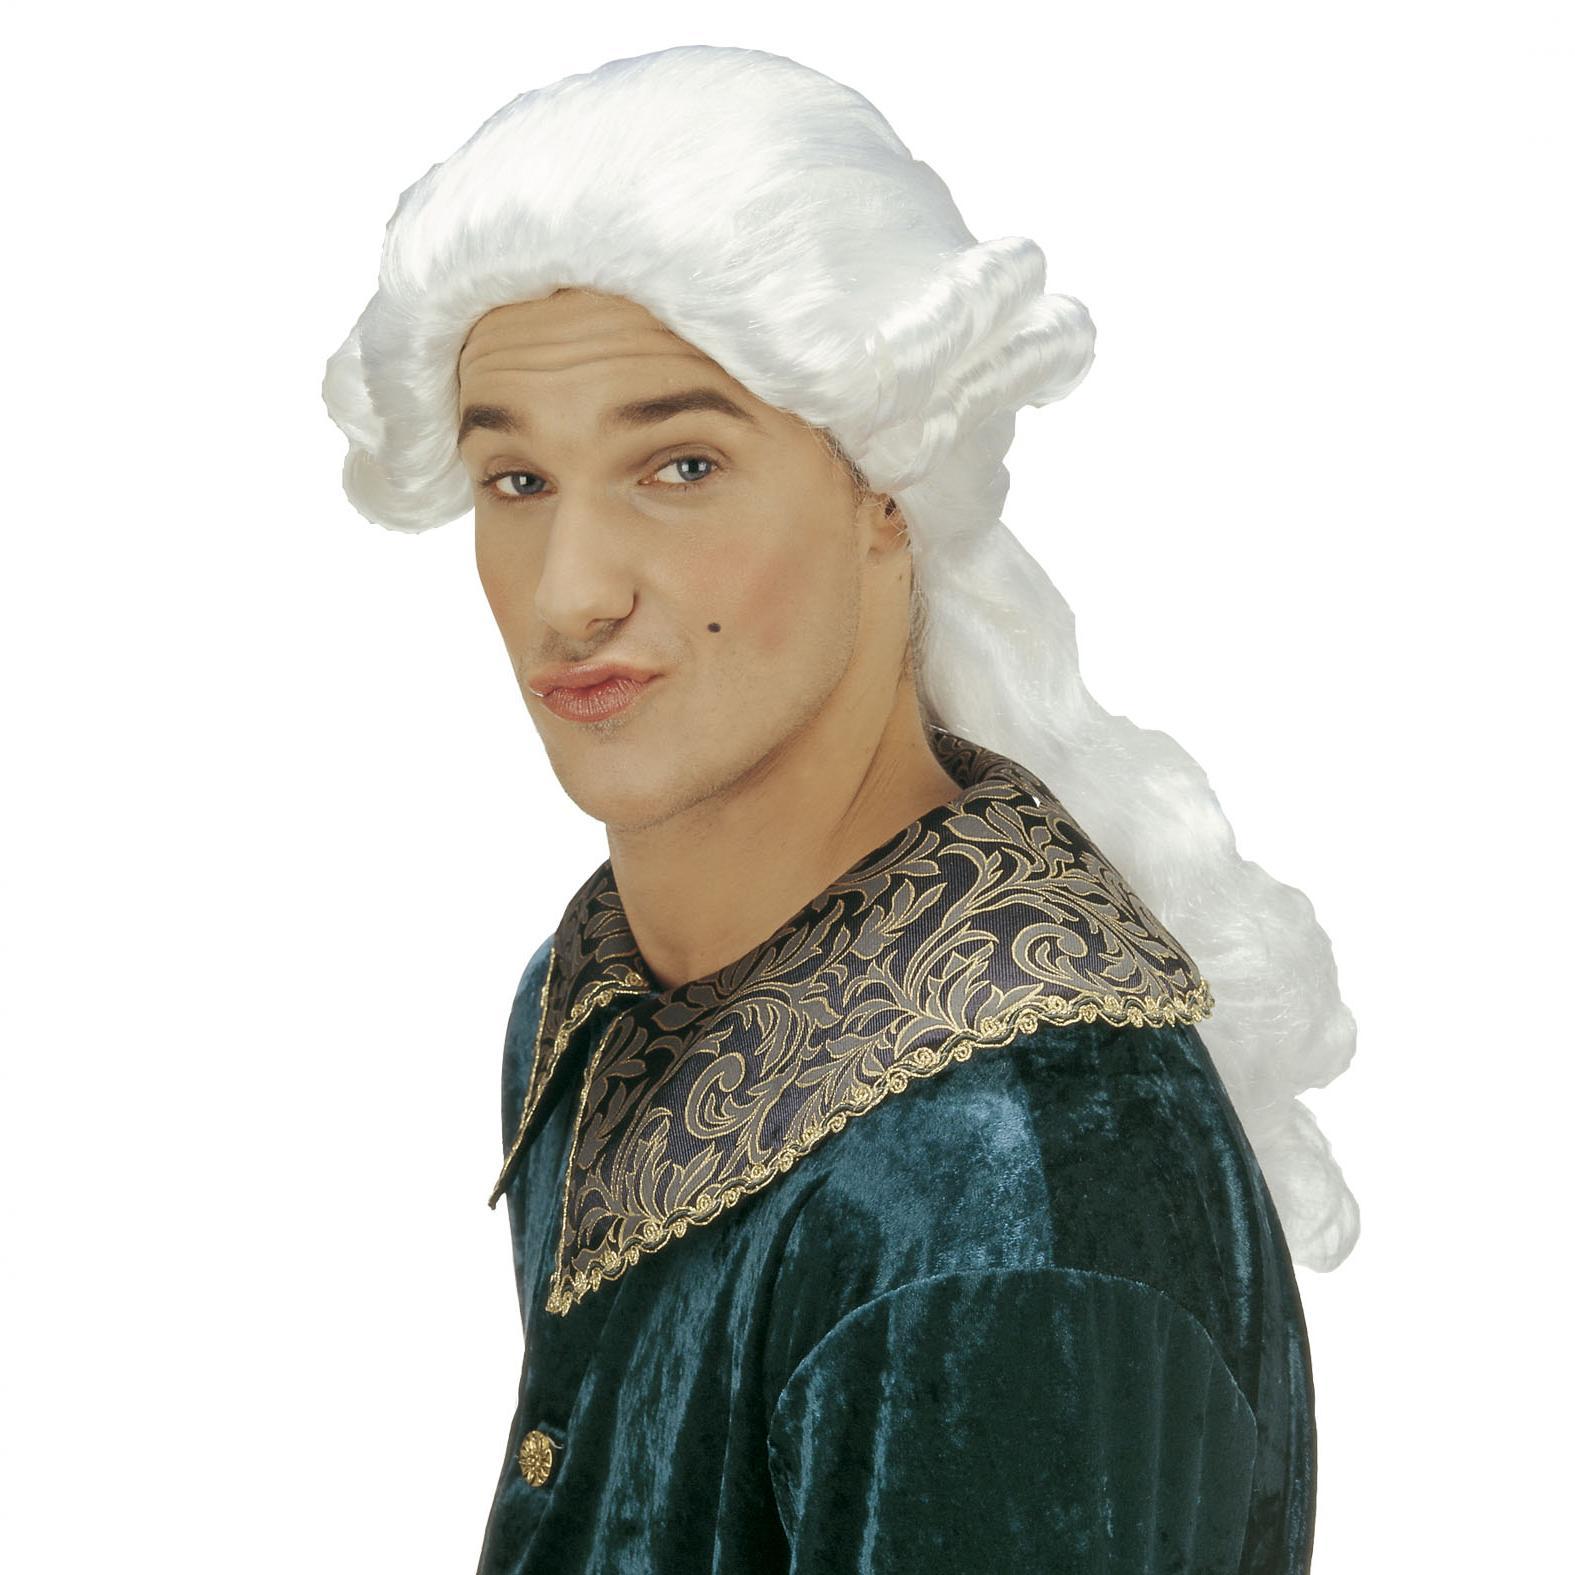 Vestiti Medievali per Carnevale e Feste Private: ci hai mai pensato?